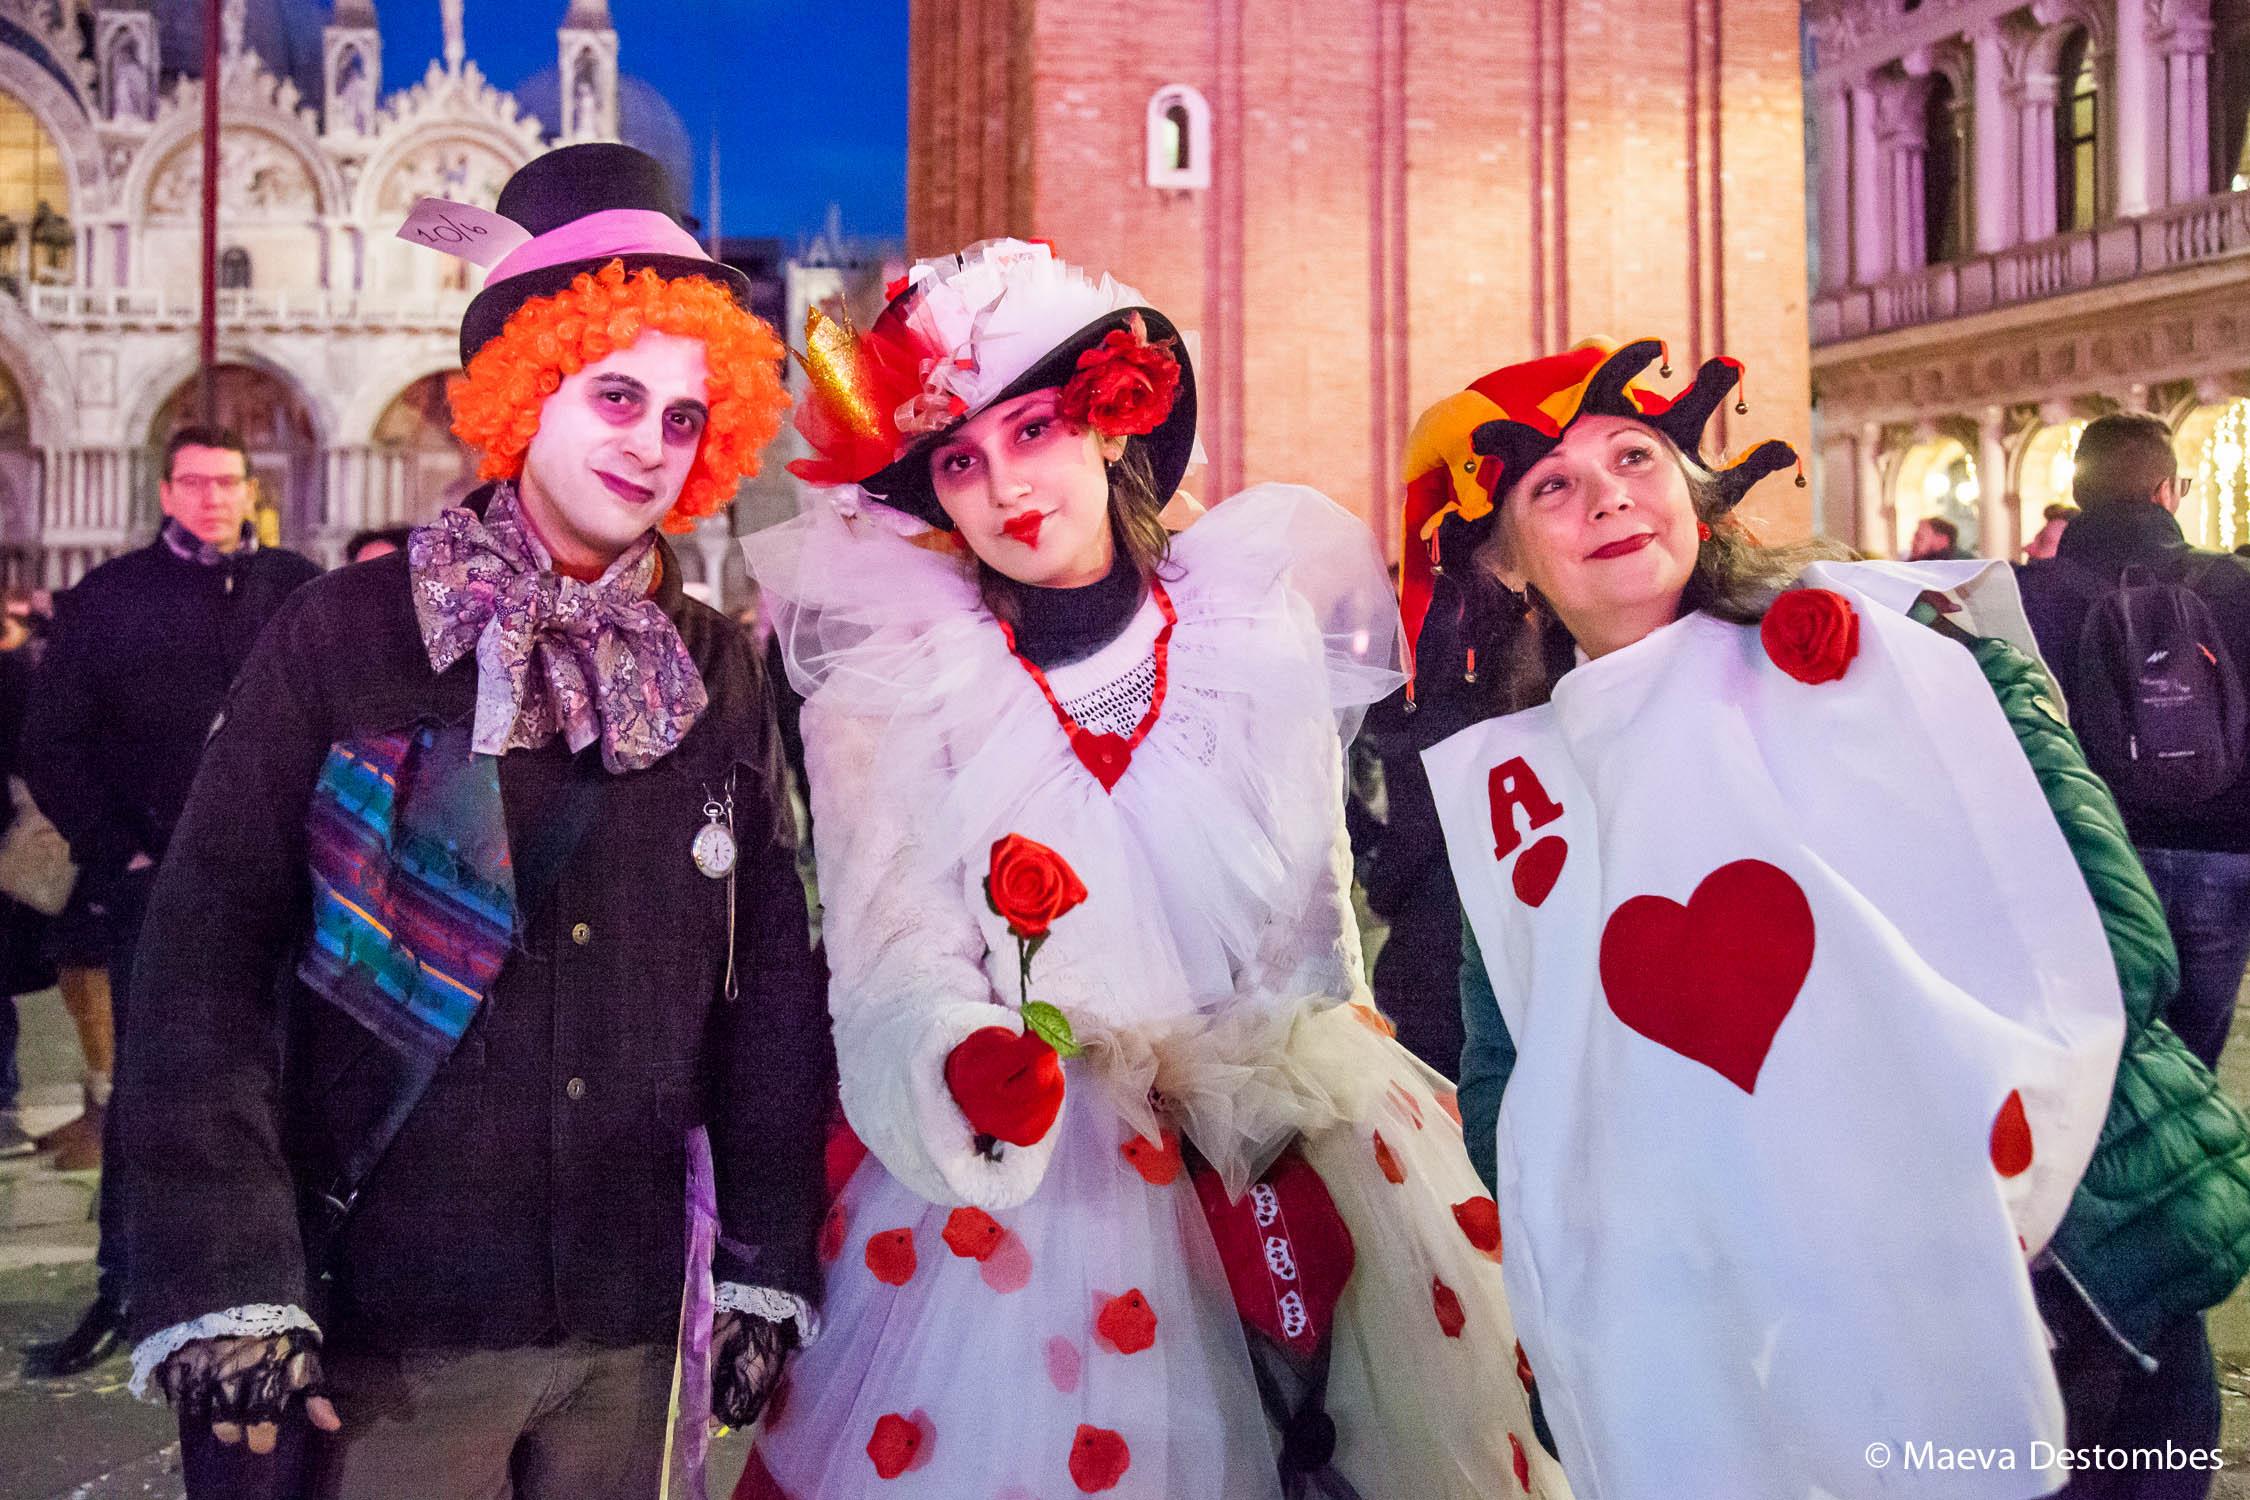 Trois personnes déguisées sur le thème d'Alice aux pays des merveilles lors du carnaval de Venise